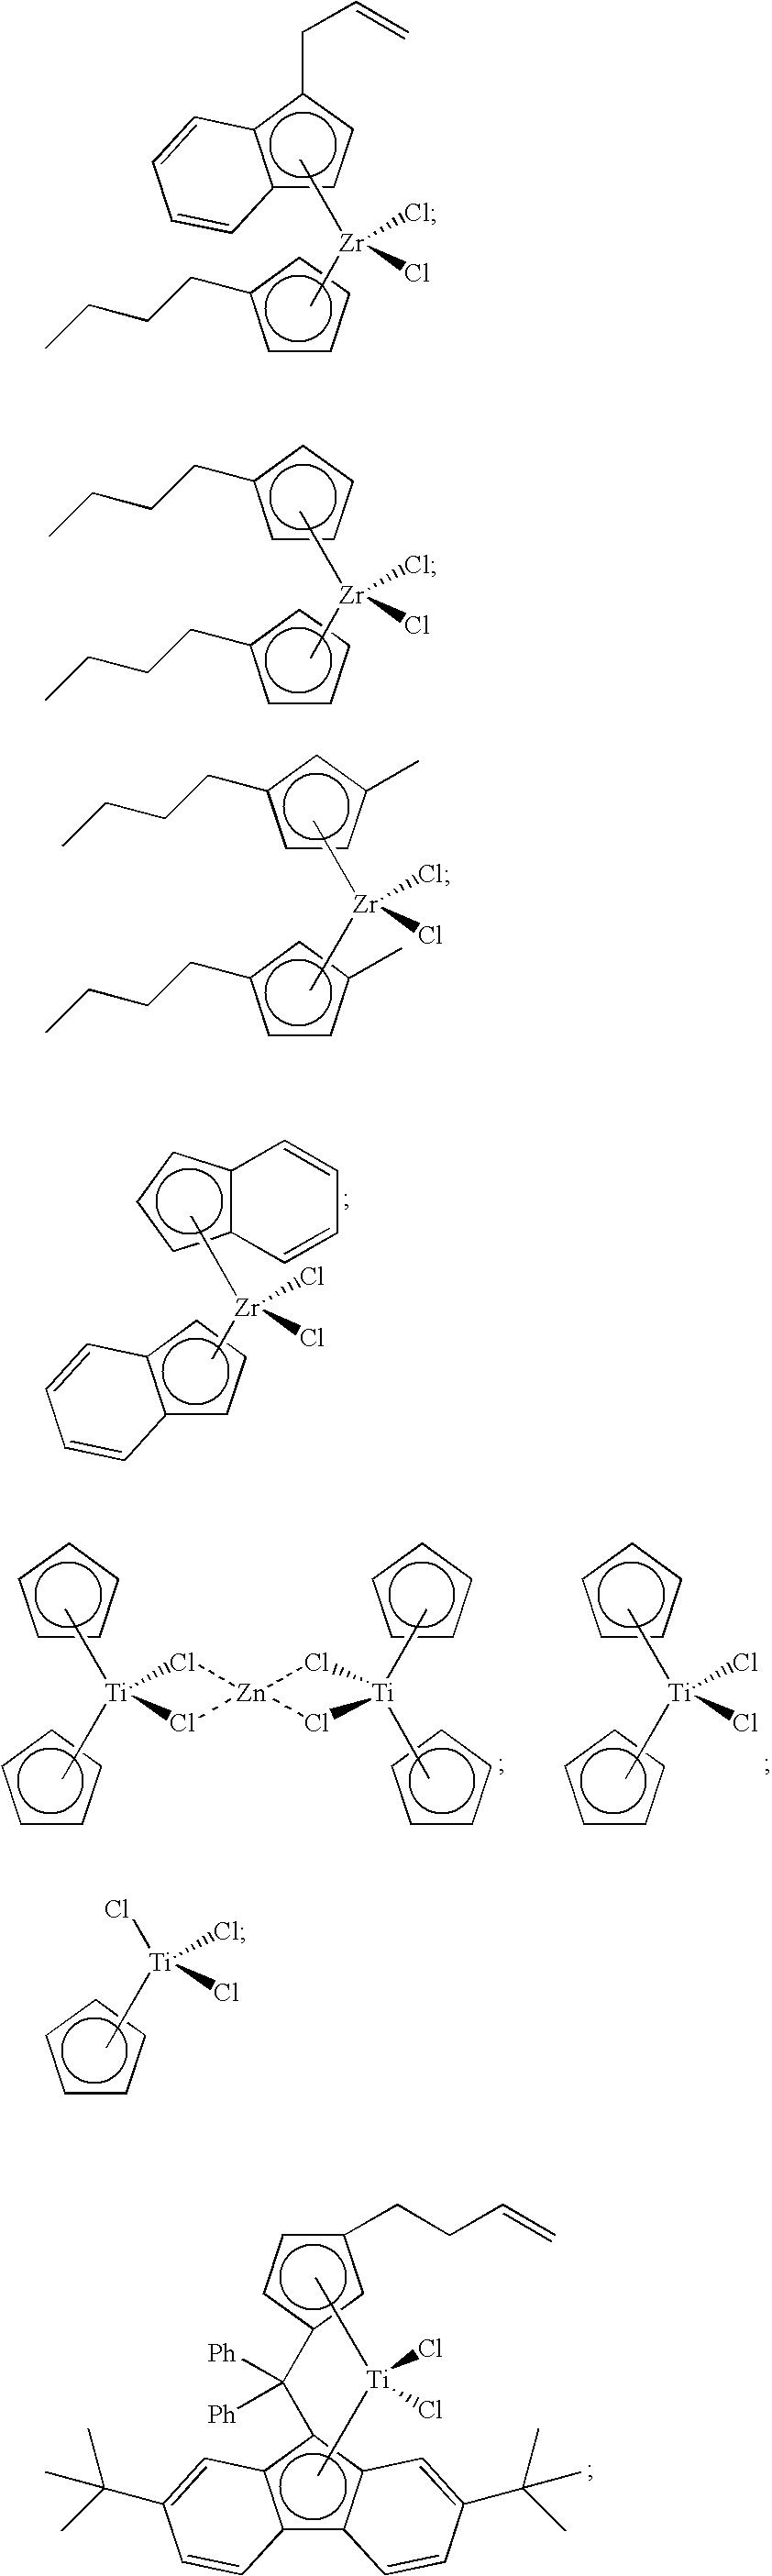 Figure US08329834-20121211-C00003